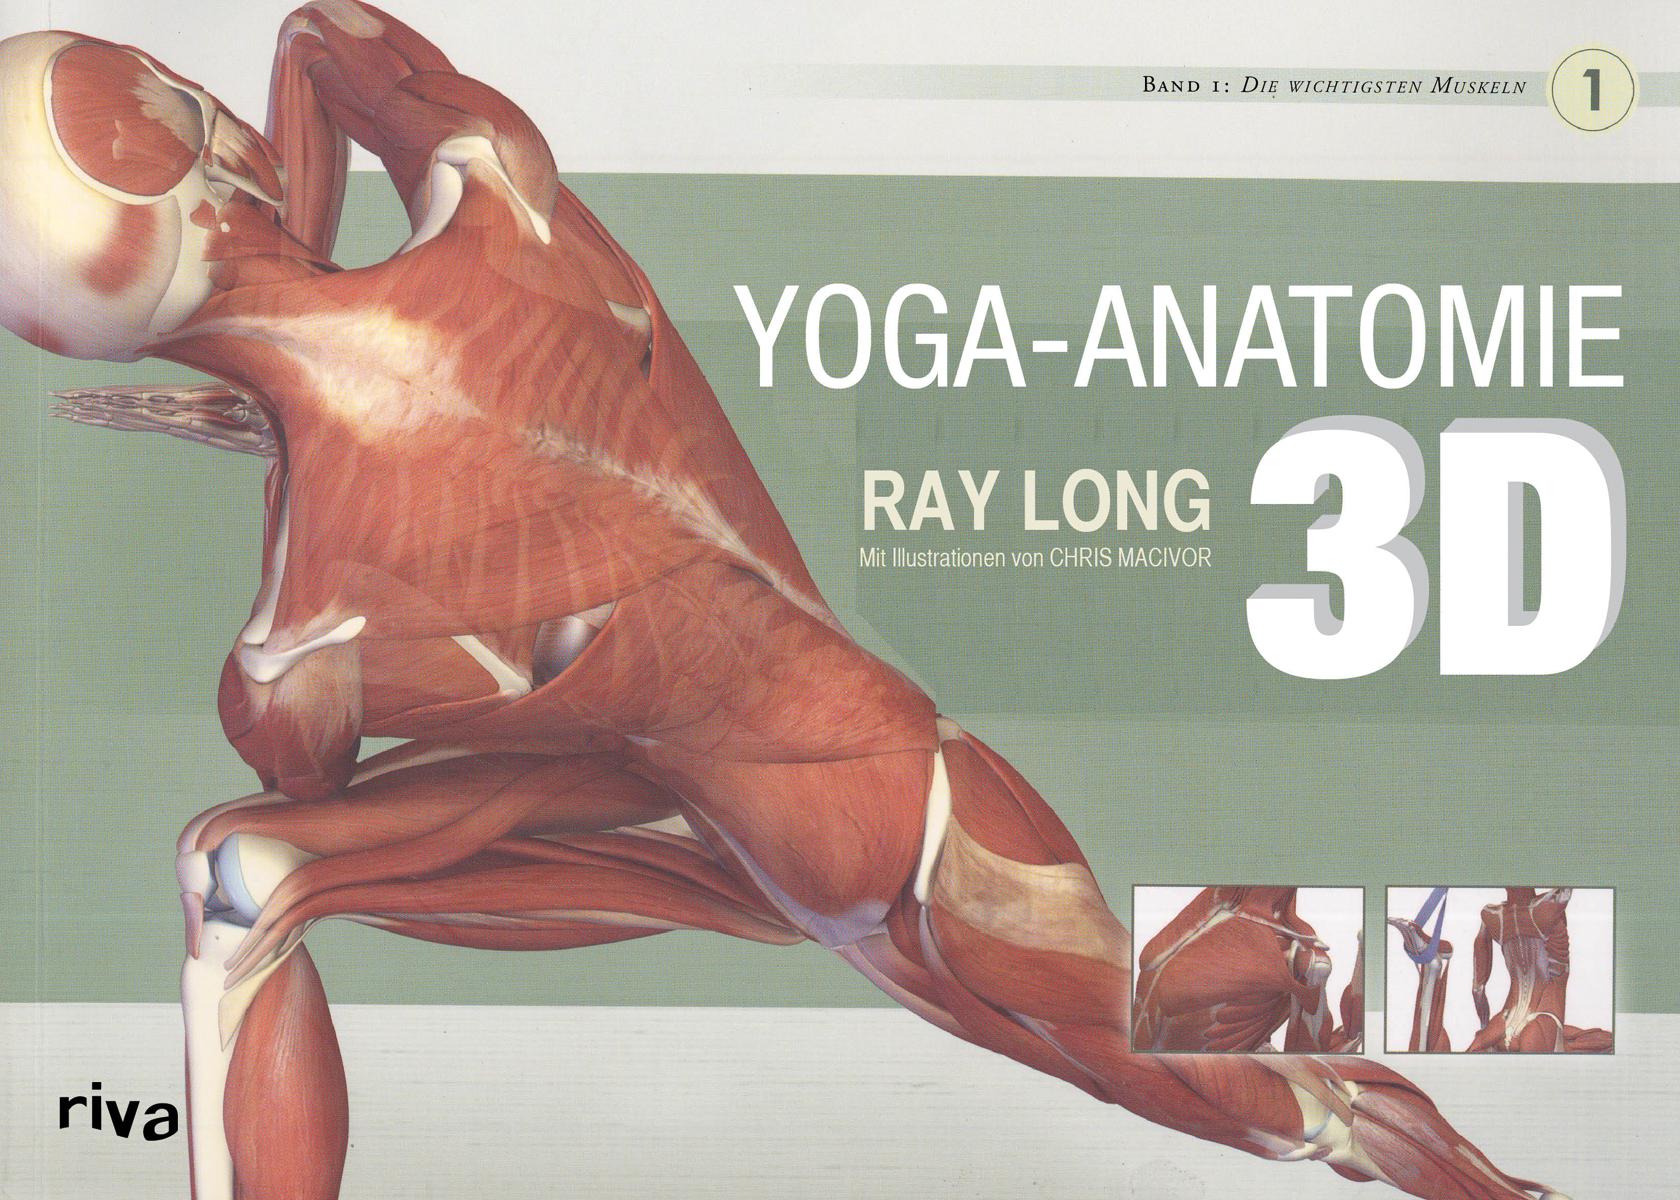 Yoga-Anatomie 3D - Band 1: Die wichtigsten Muskeln